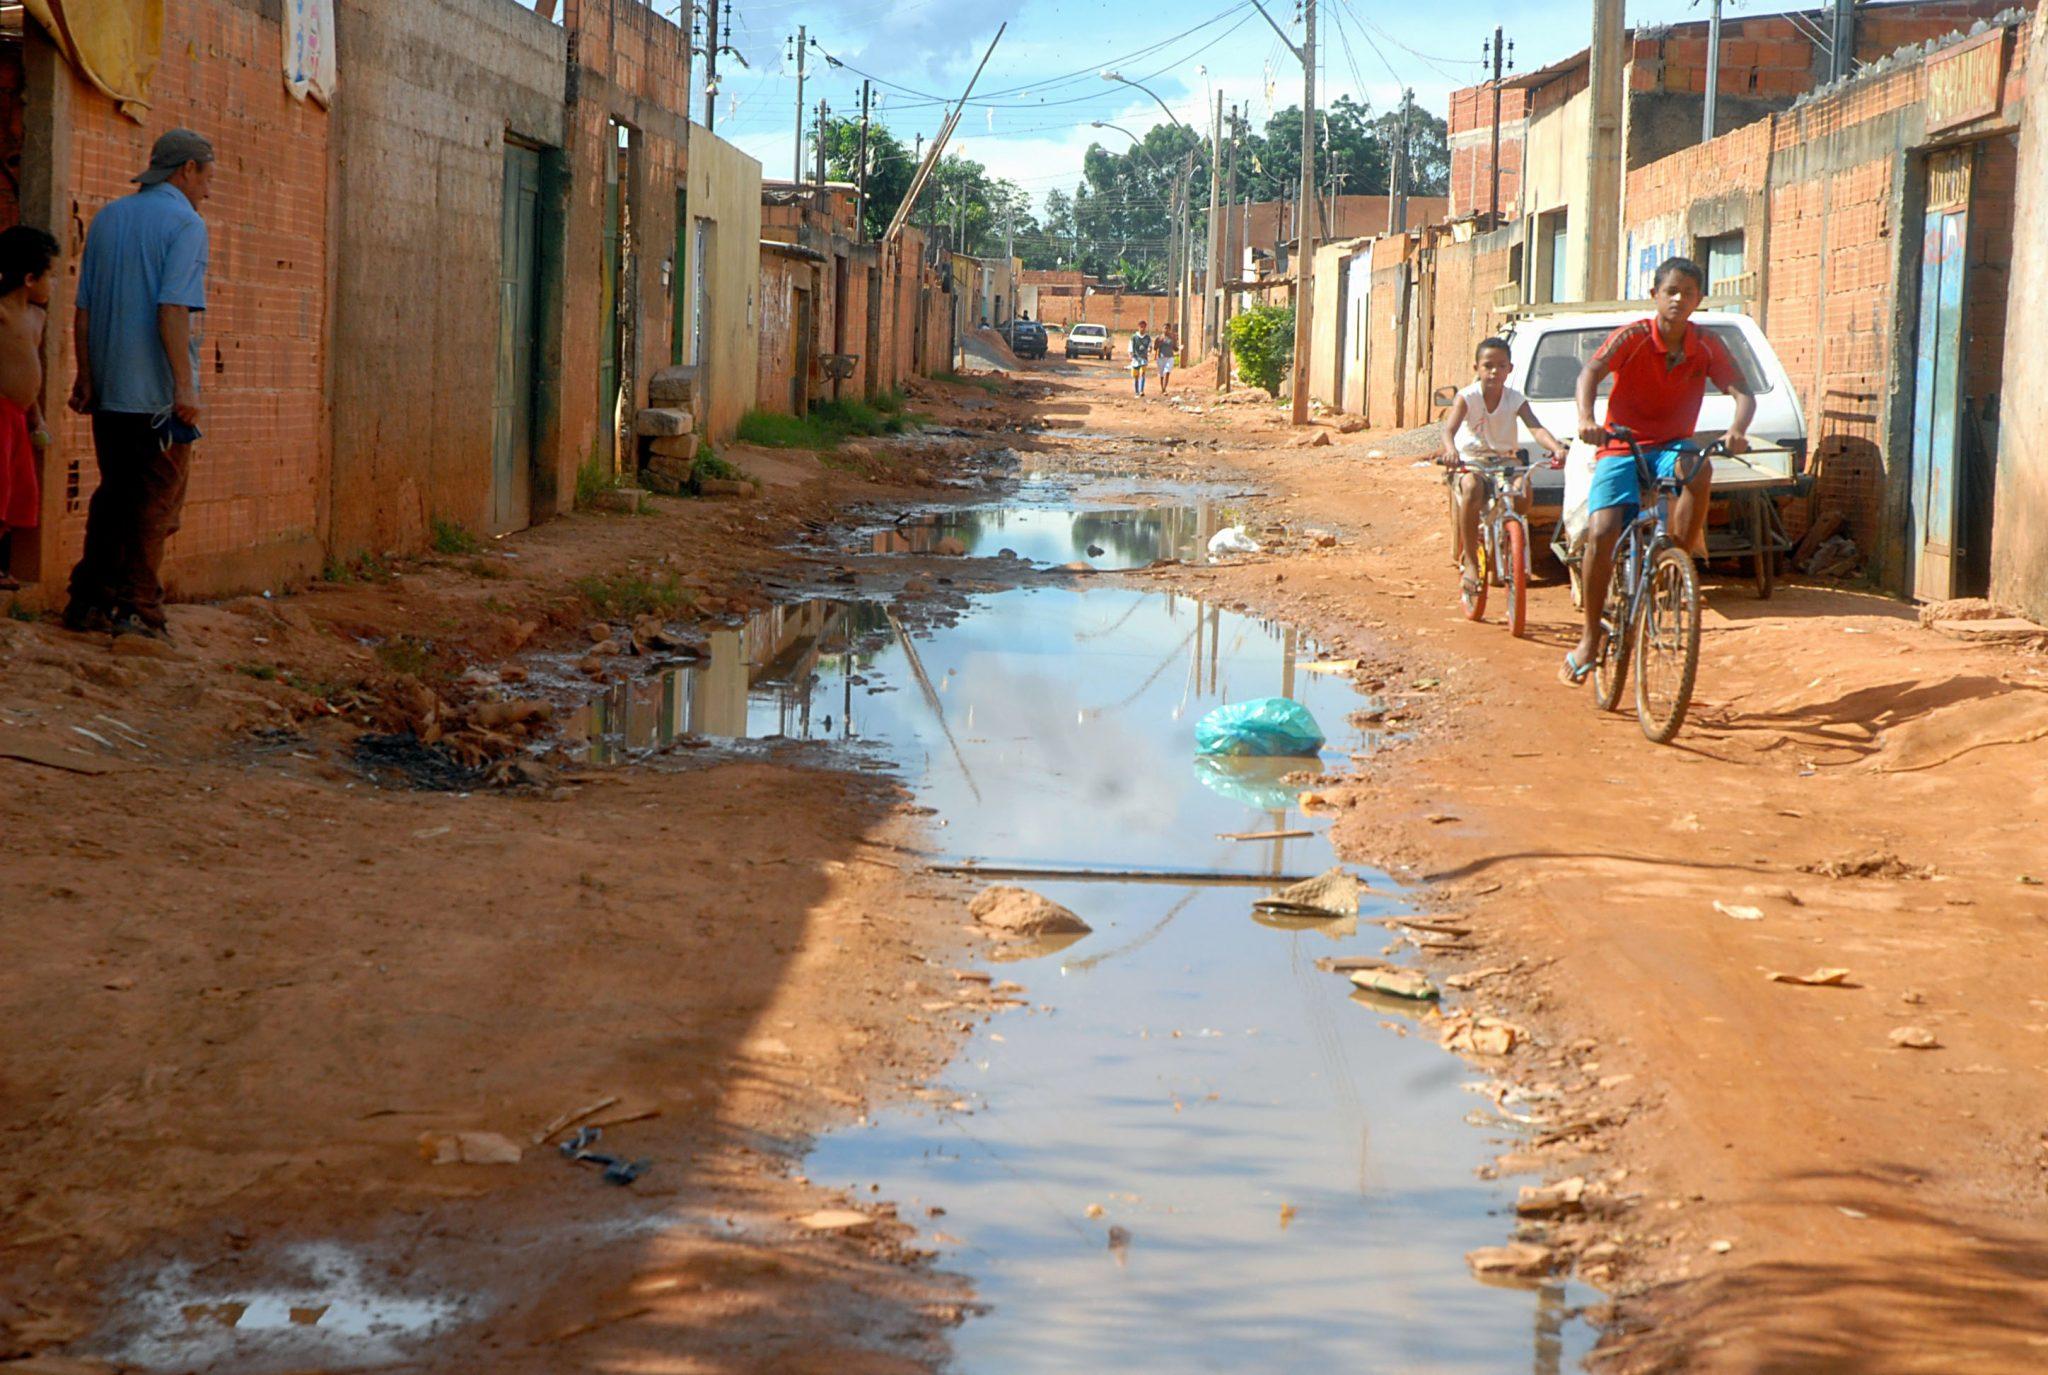 Governo Federal libera R$ 34 milhões para obras de saneamento básico em 12 estados. Rondonópolis receberá 1,4 milhão